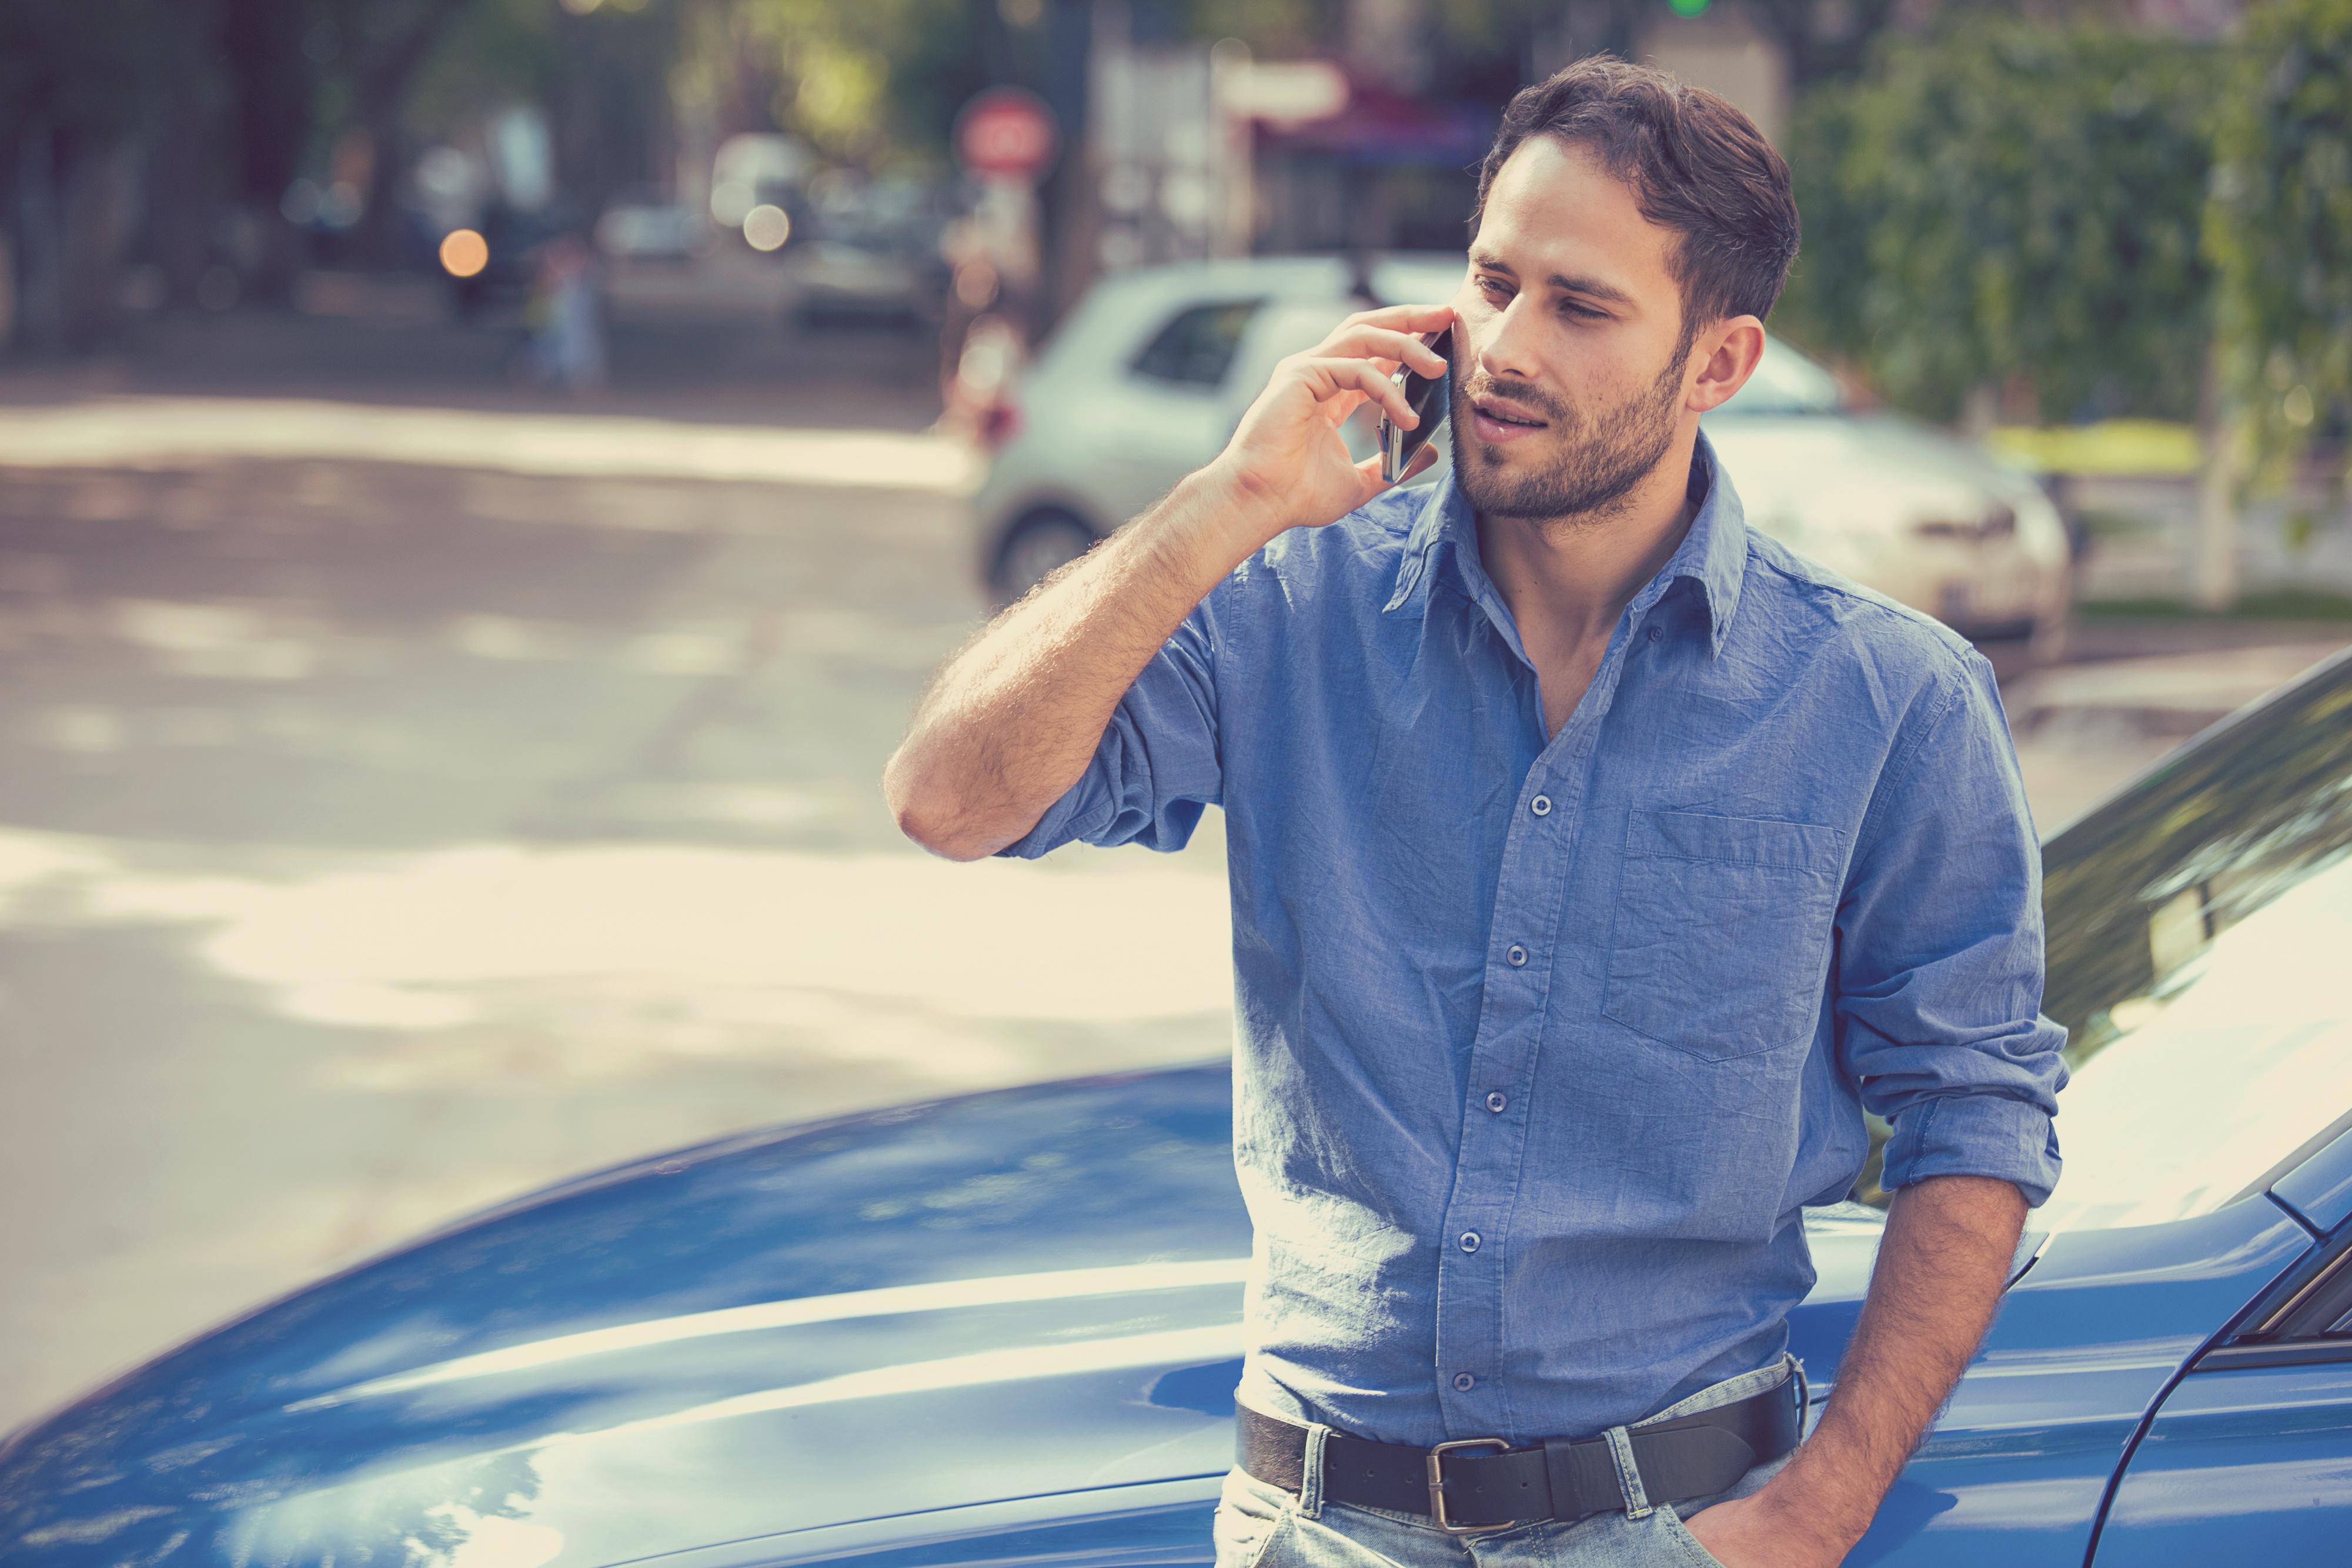 Schadenservice, telefonierender Mann angelehnt an Auto